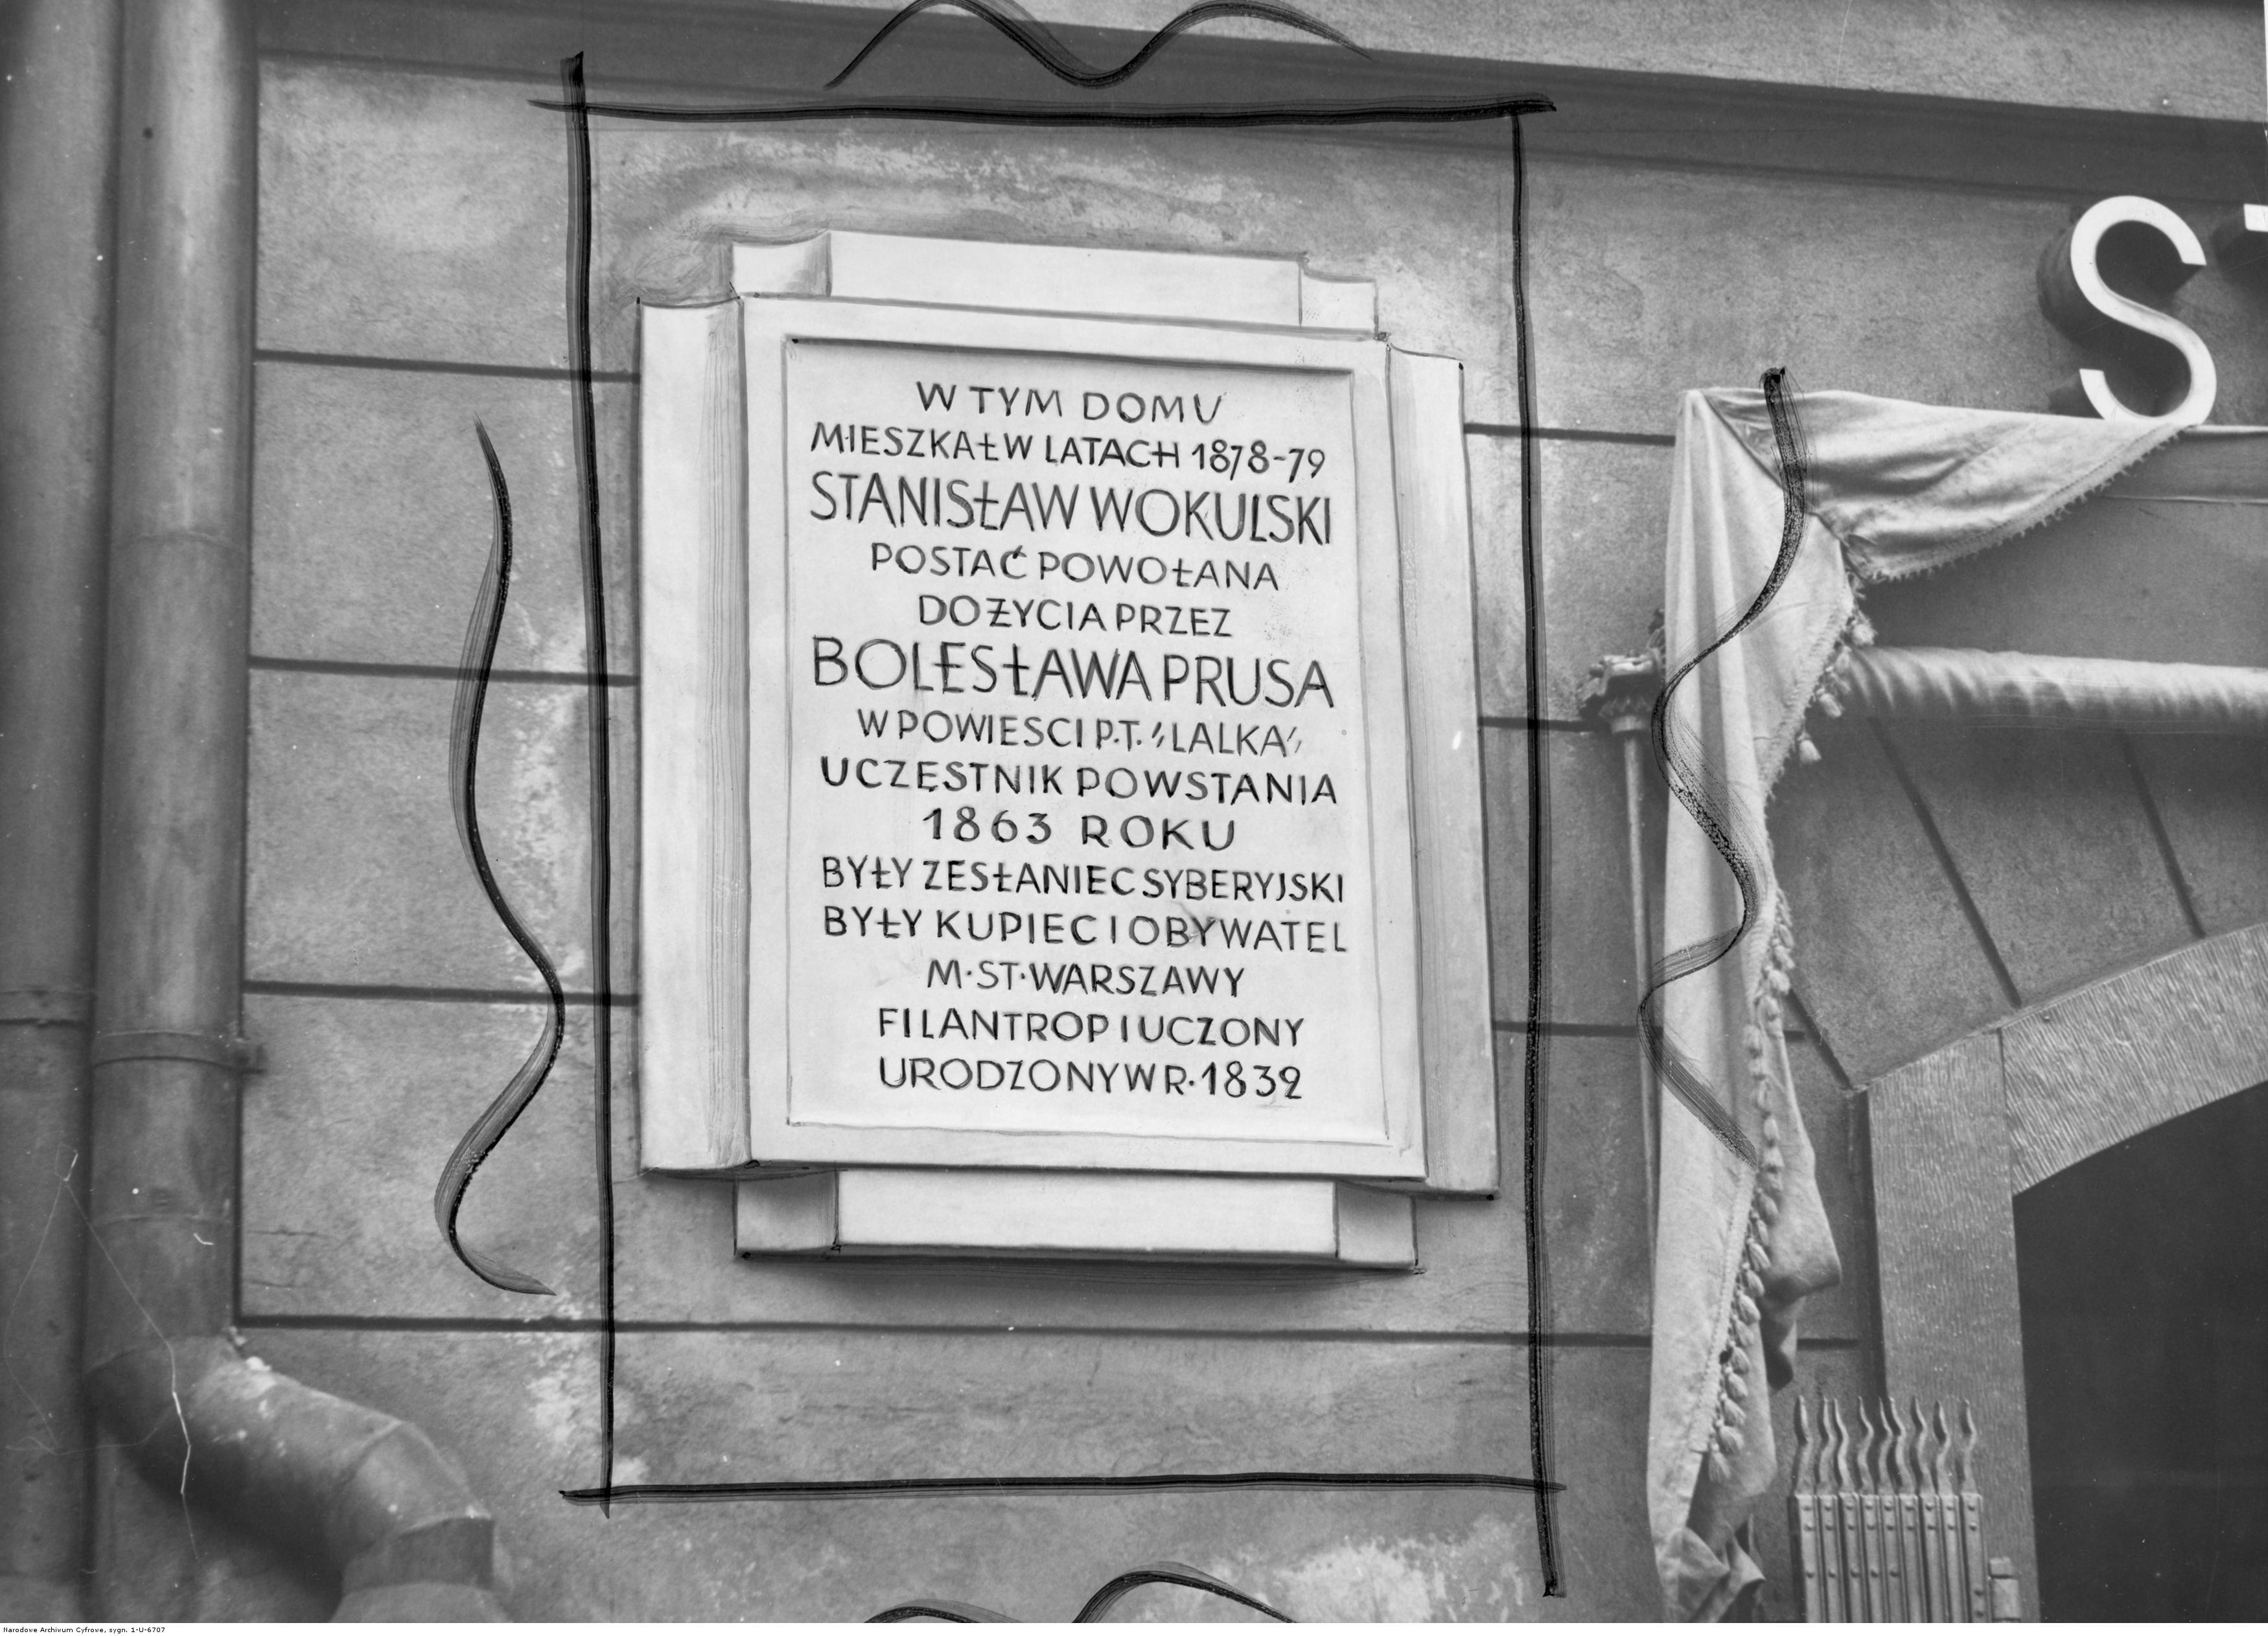 Warszawa. Ulica Krakowskie Przedmieście. Widoczna tablica ku czci Stanisława Wokulskiego, bohatera powieści 'Lalka' Bolesława Prusa (fot. Narodowe Archiwum Cyfrowe)